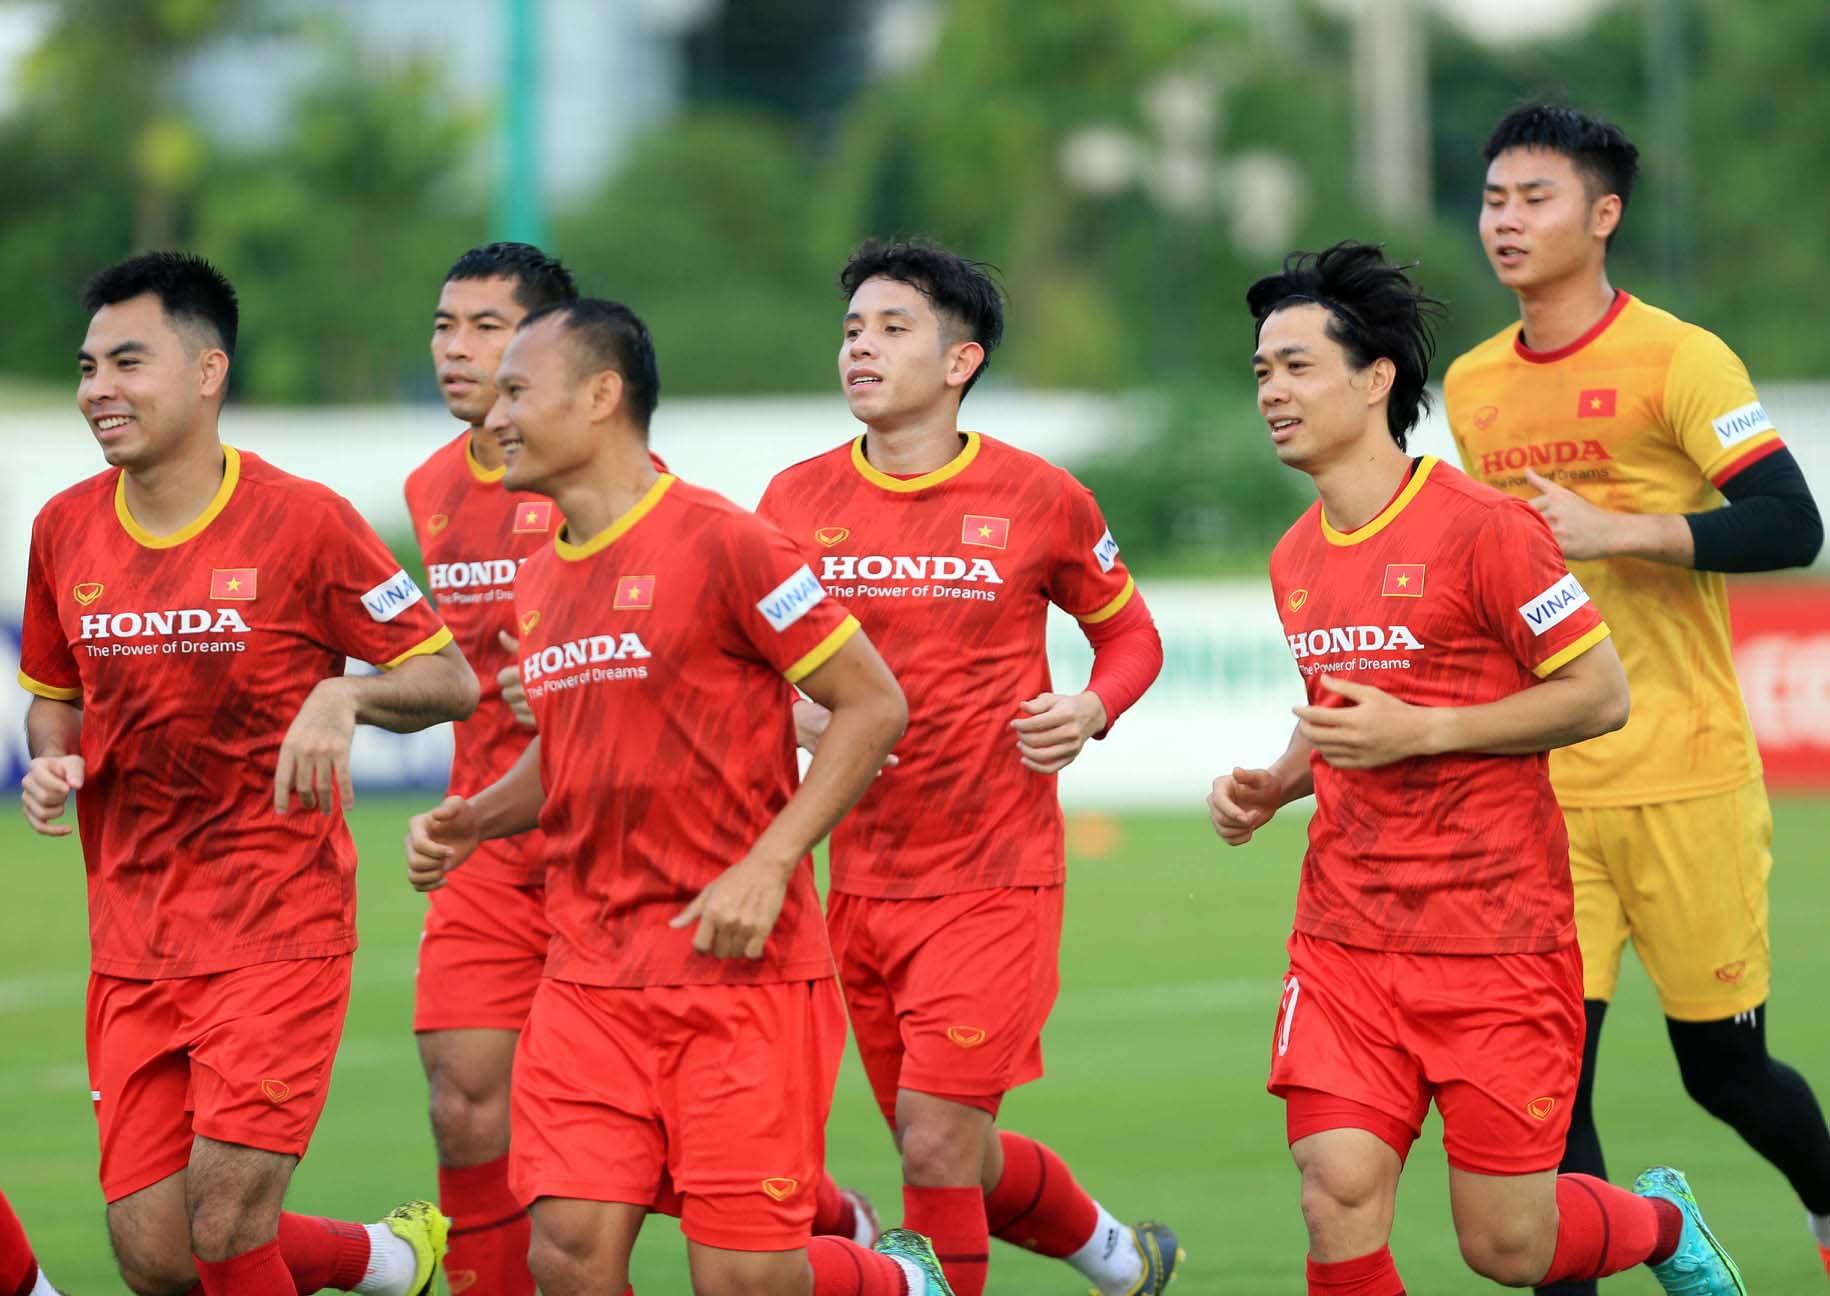 Đội tuyển Việt Nam trở lại tập luyện, hướng tới trận đấu với đội tuyển Trung Quốc và Oman -2